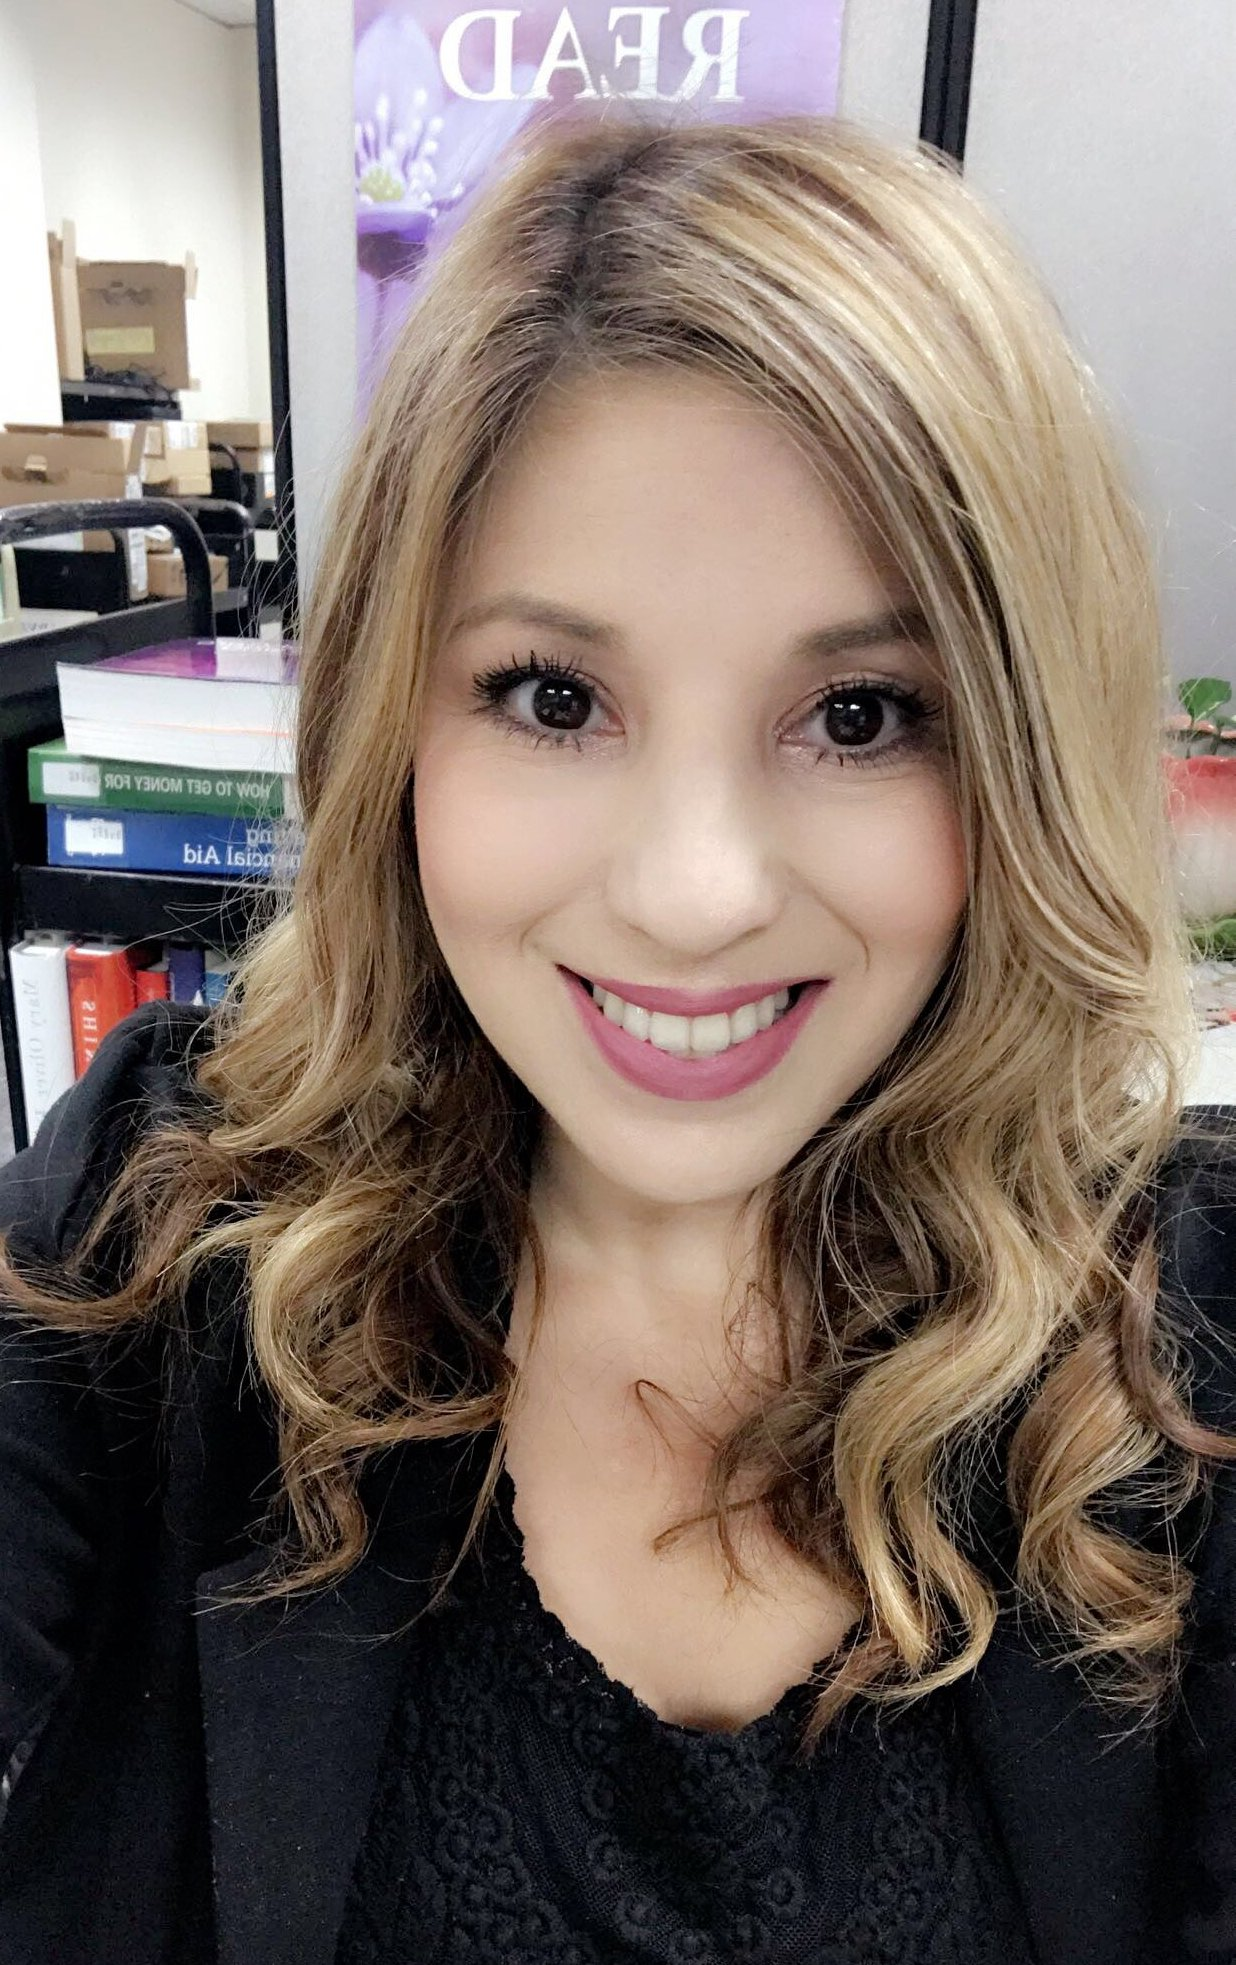 Bianca Michelle Garza